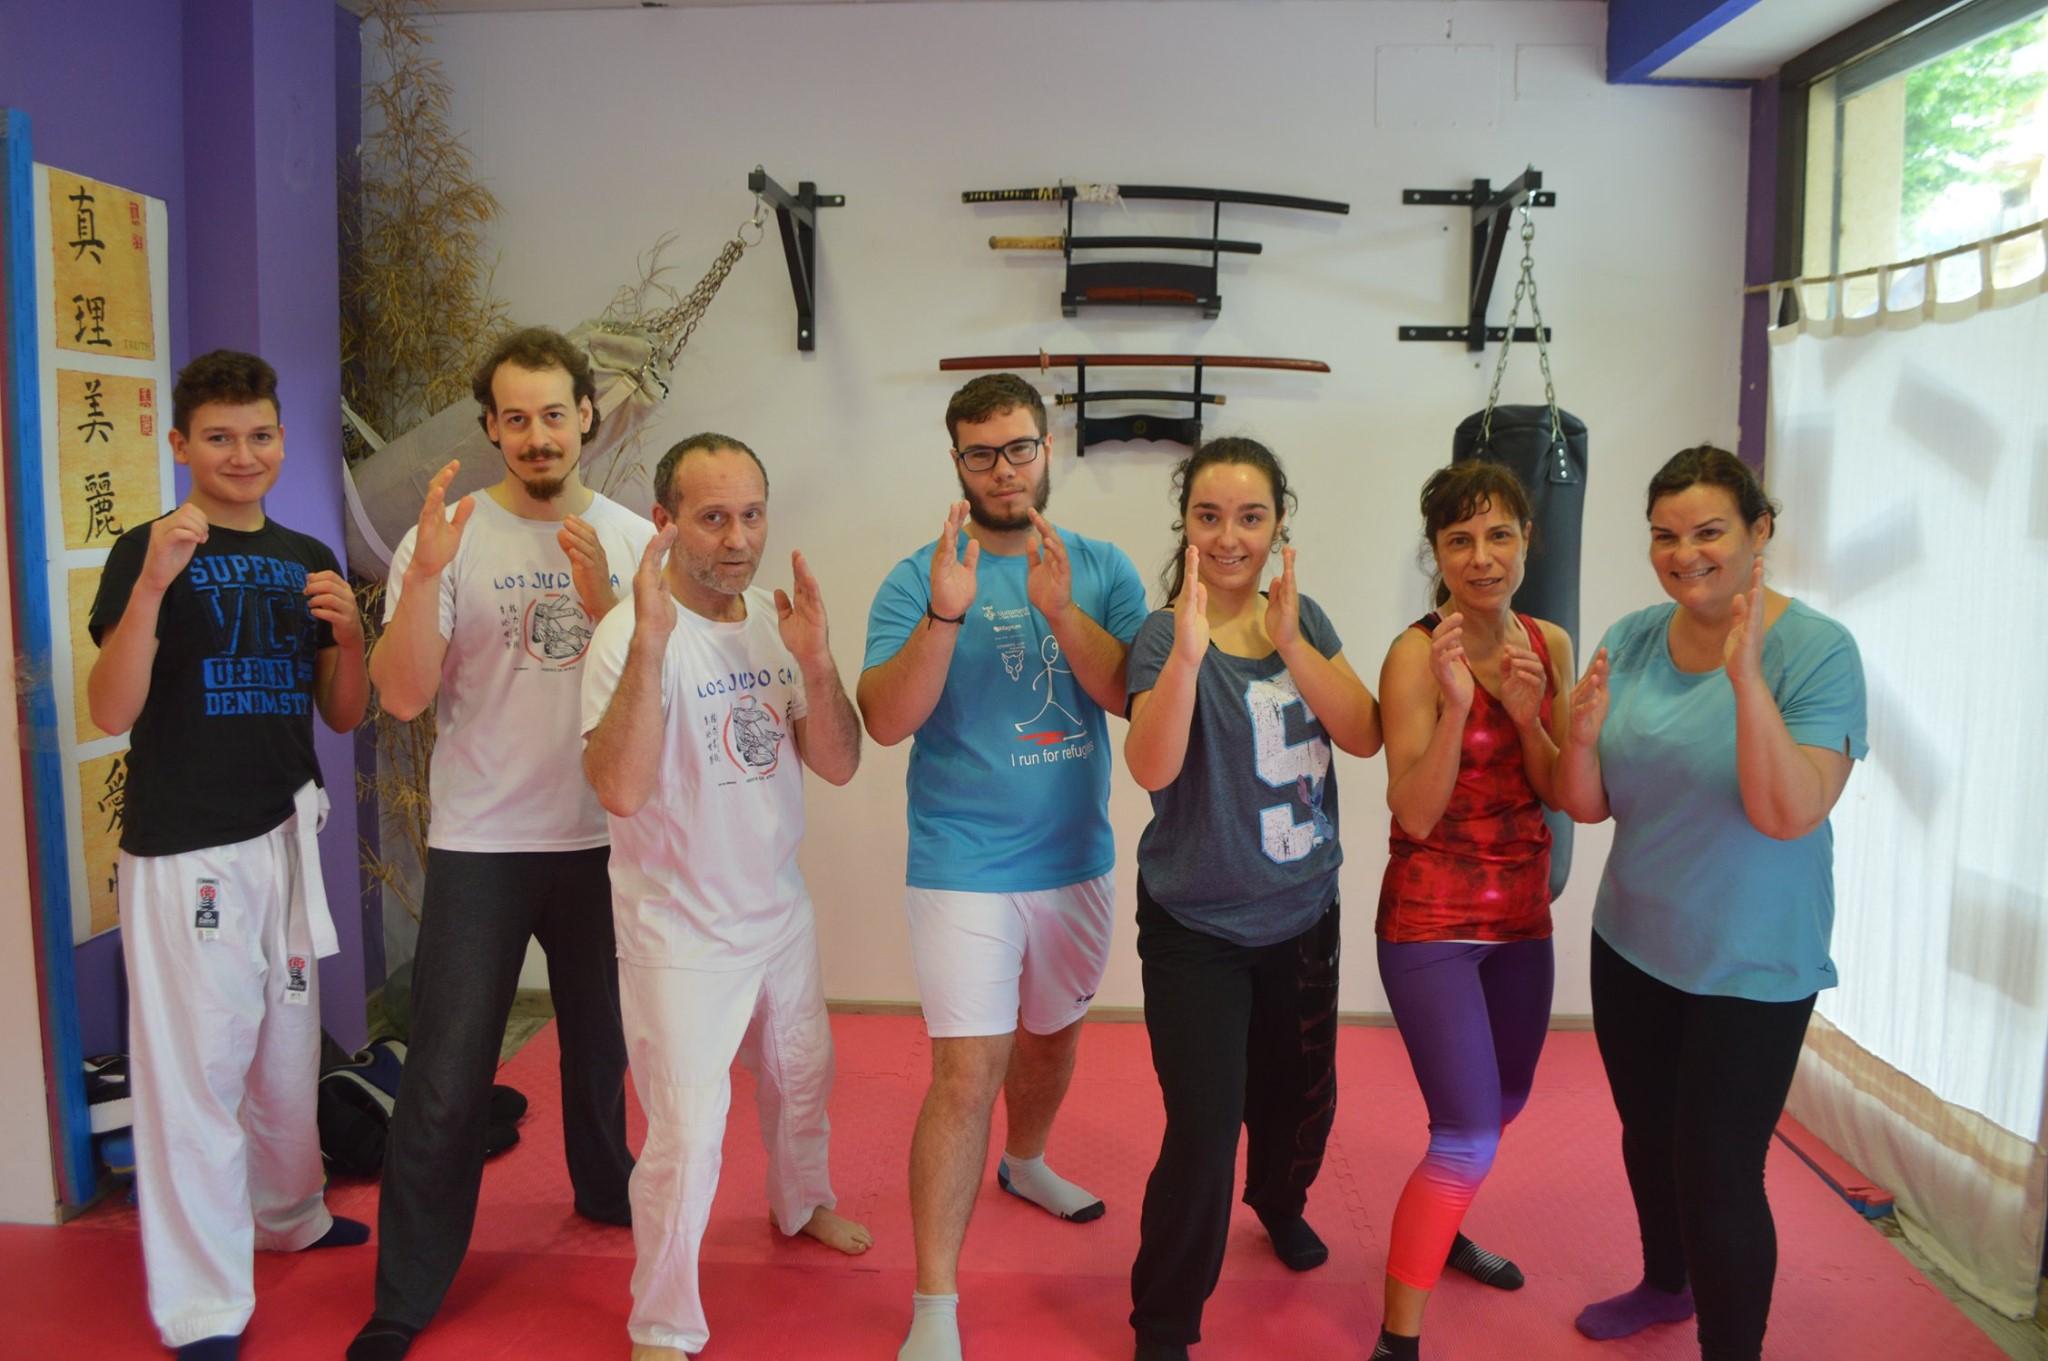 Dissabte tindrà lloc la primera trobada comarcal de Judo a Arenys de Munt